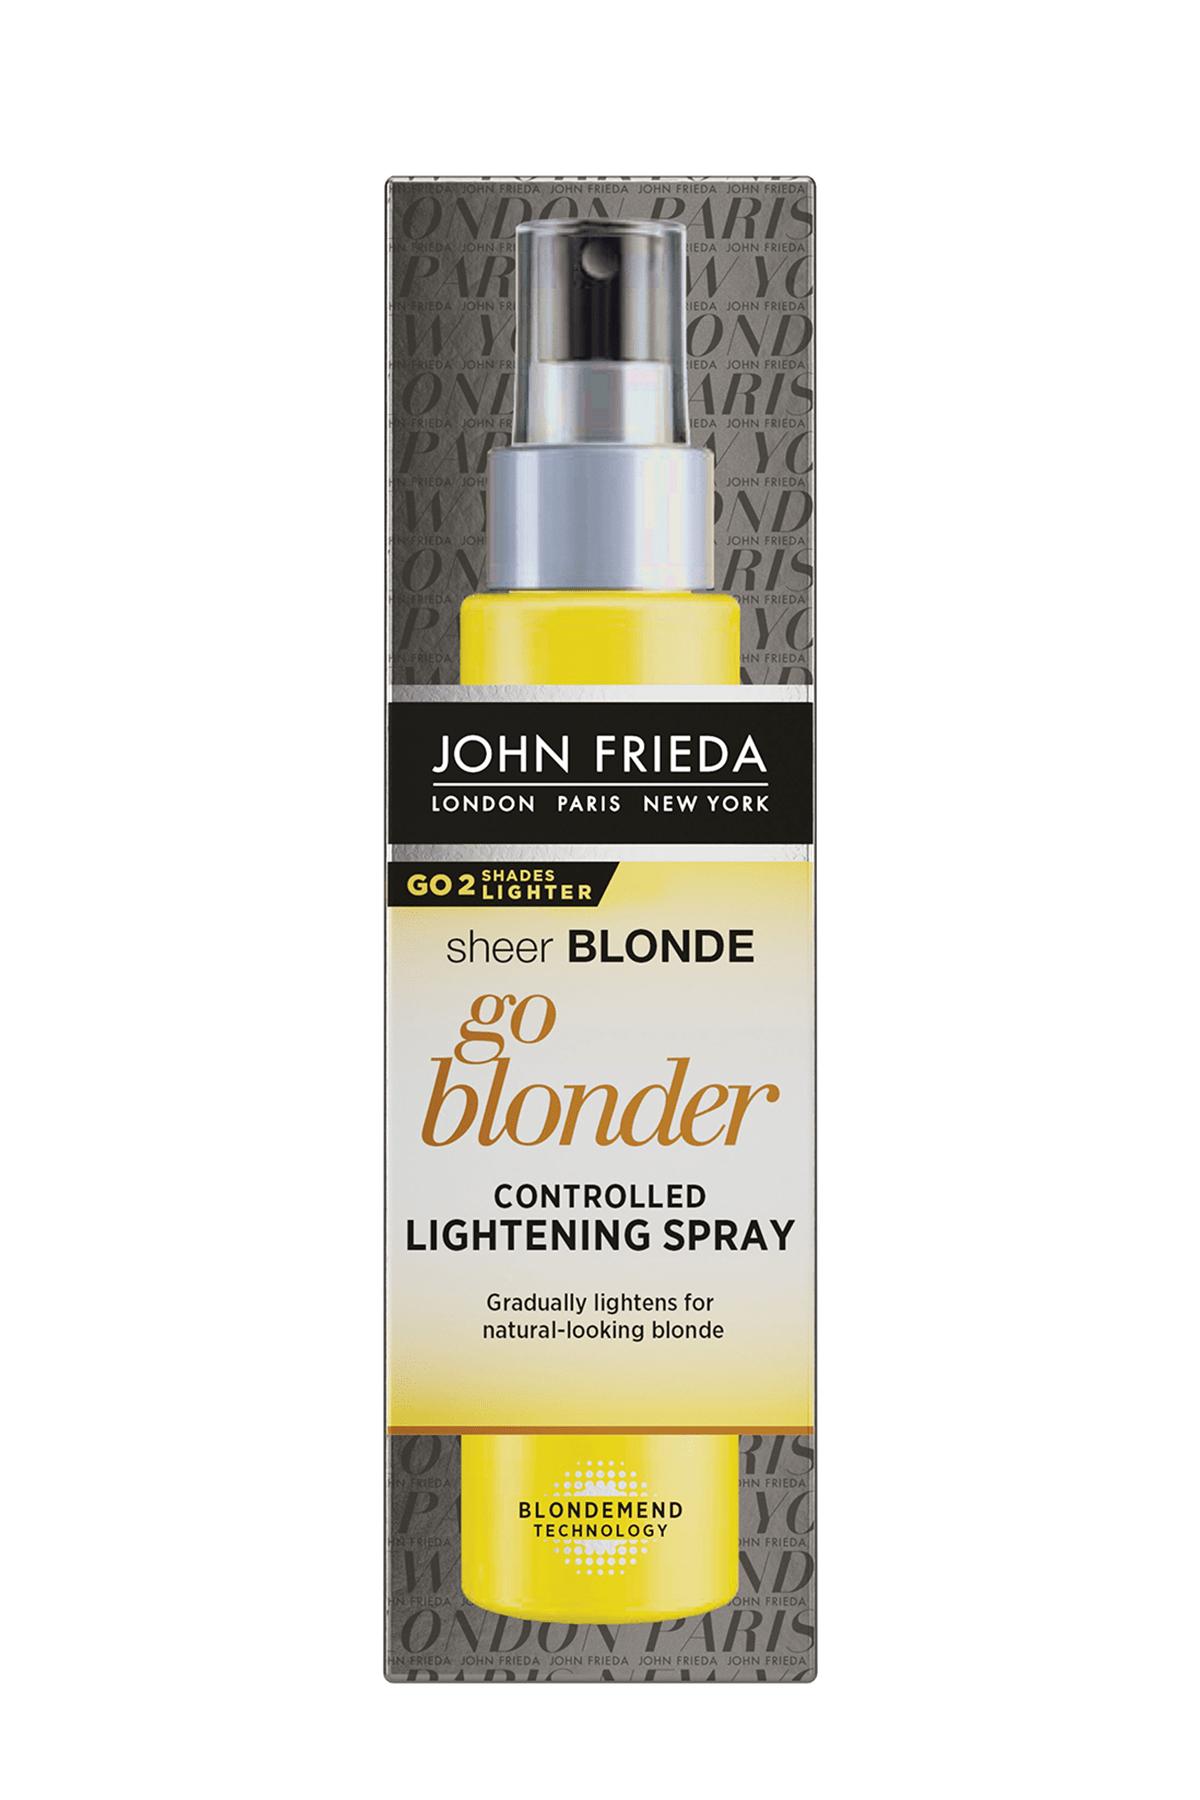 John Frieda Renk Açıcı Sprey - Sheer Blonde Controlled Lightening Spray 100 5037156227468